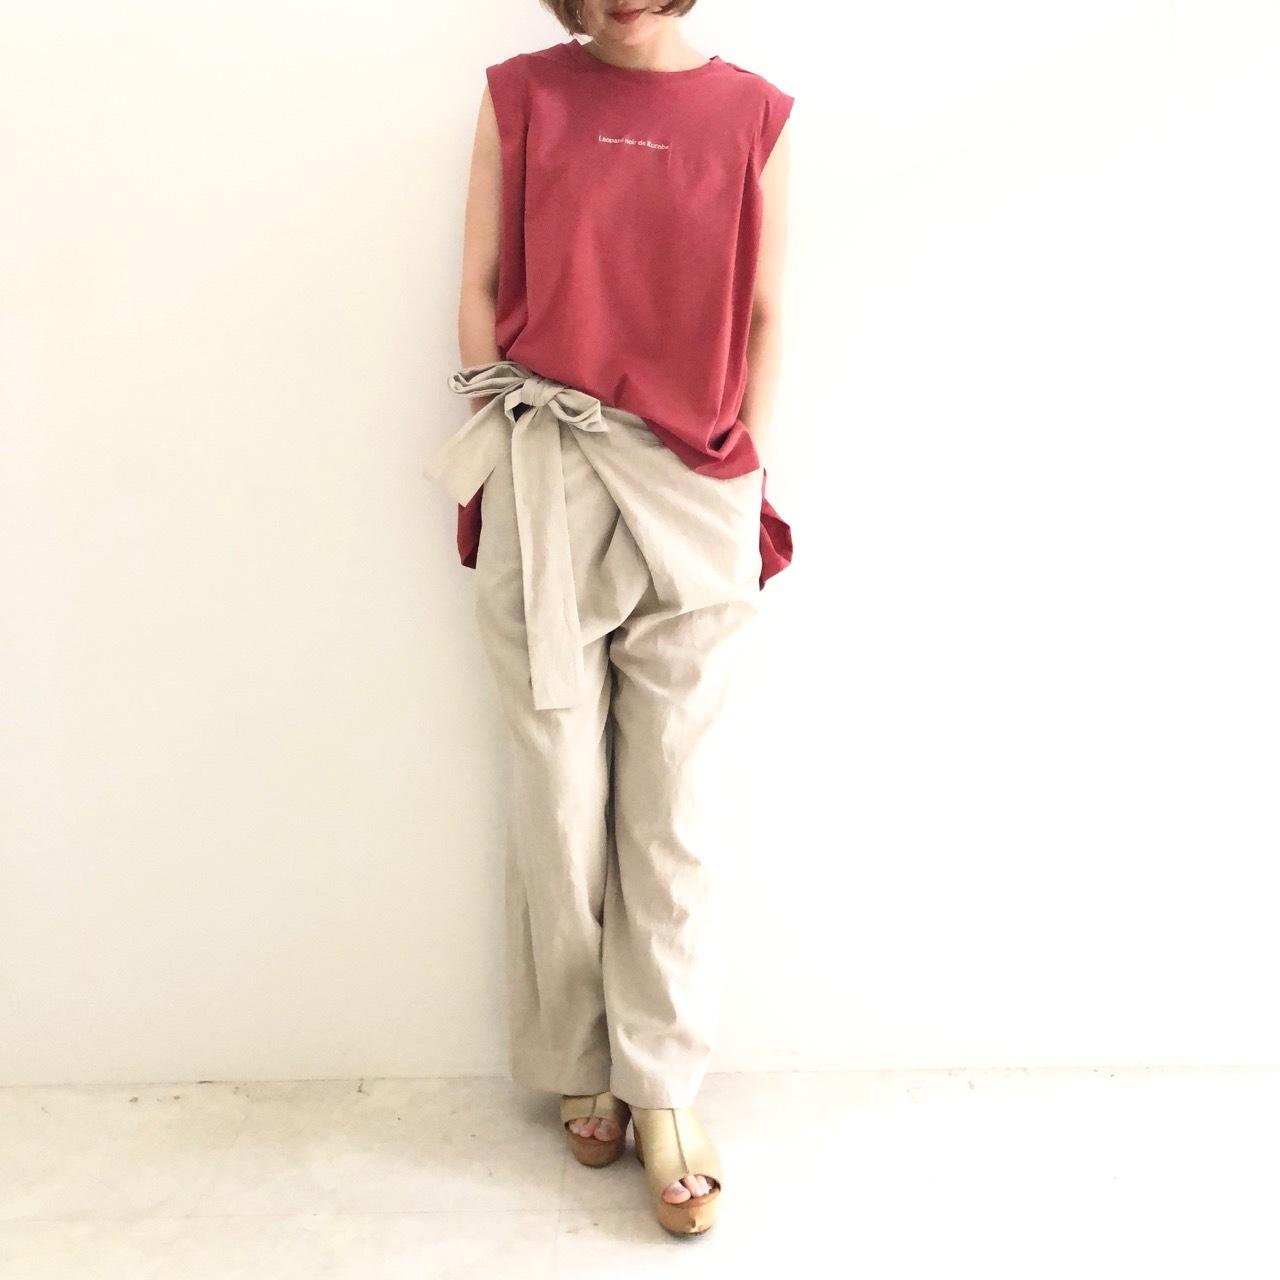 【 QTUME 】- 912-25205 - ノースリーブTeeシャツ